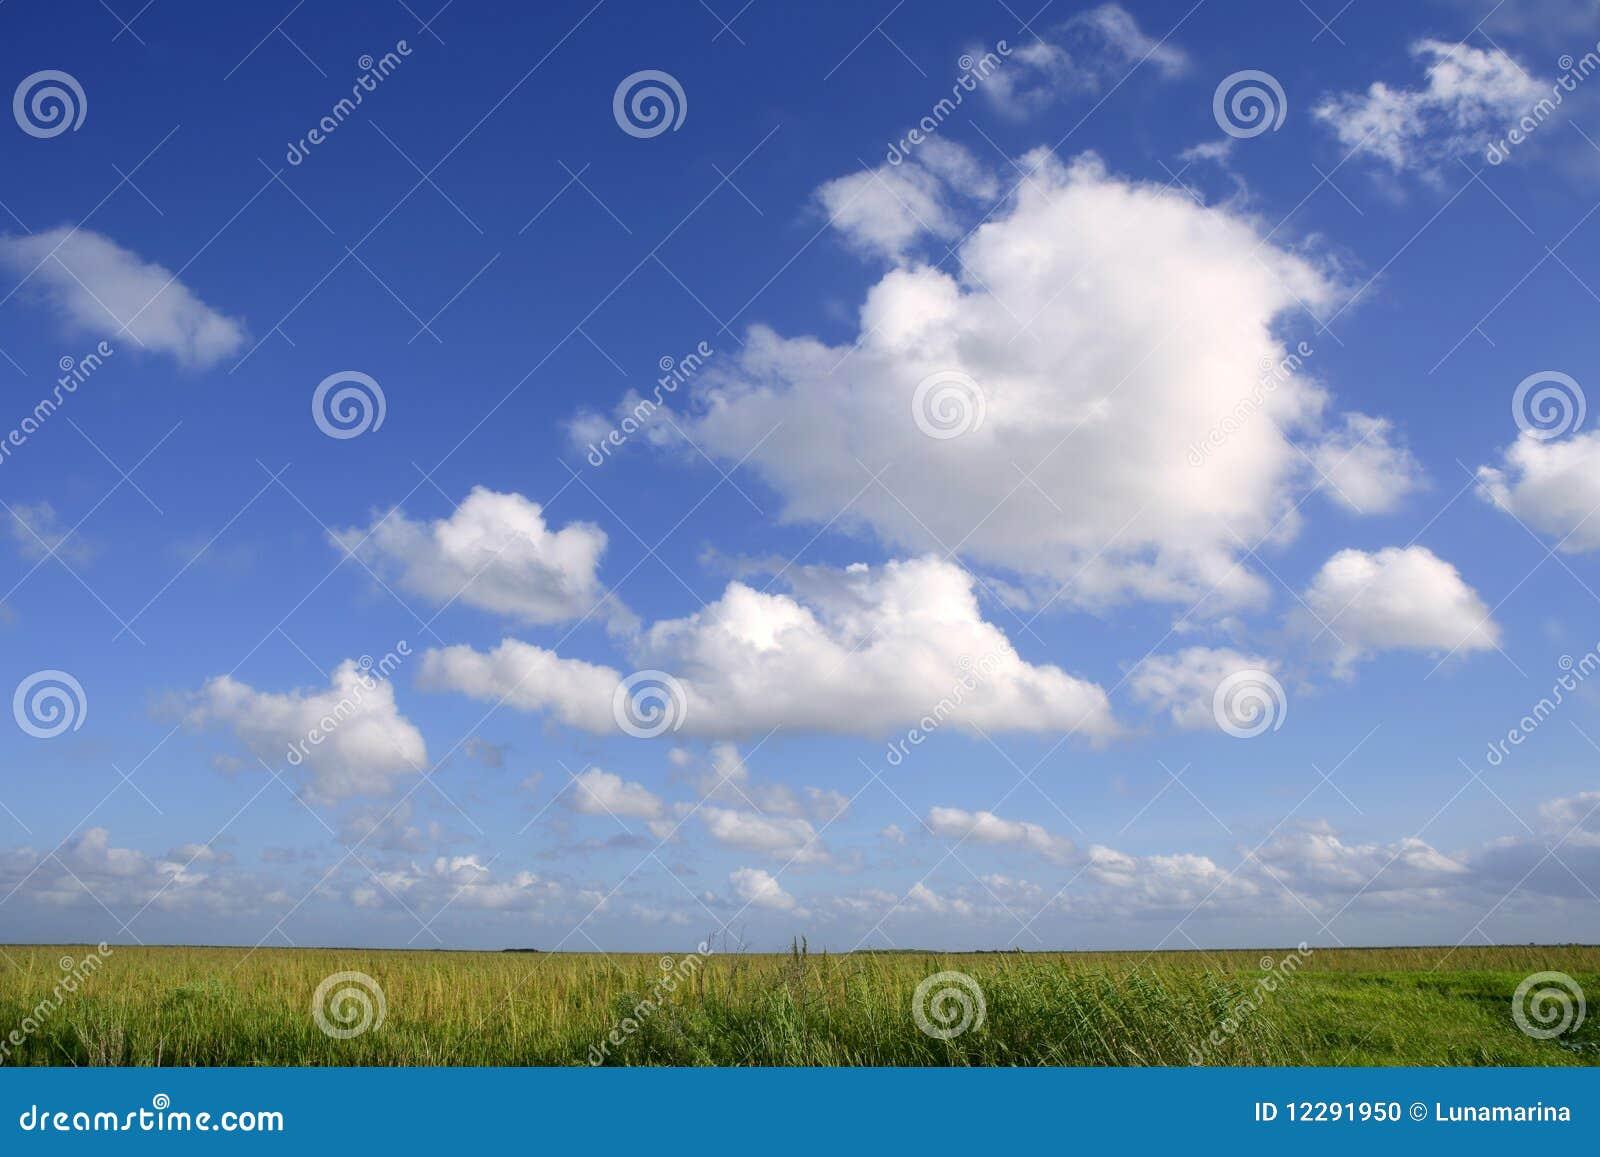 заболоченные места неба плана florida голубых болотистых низменностей зеленые